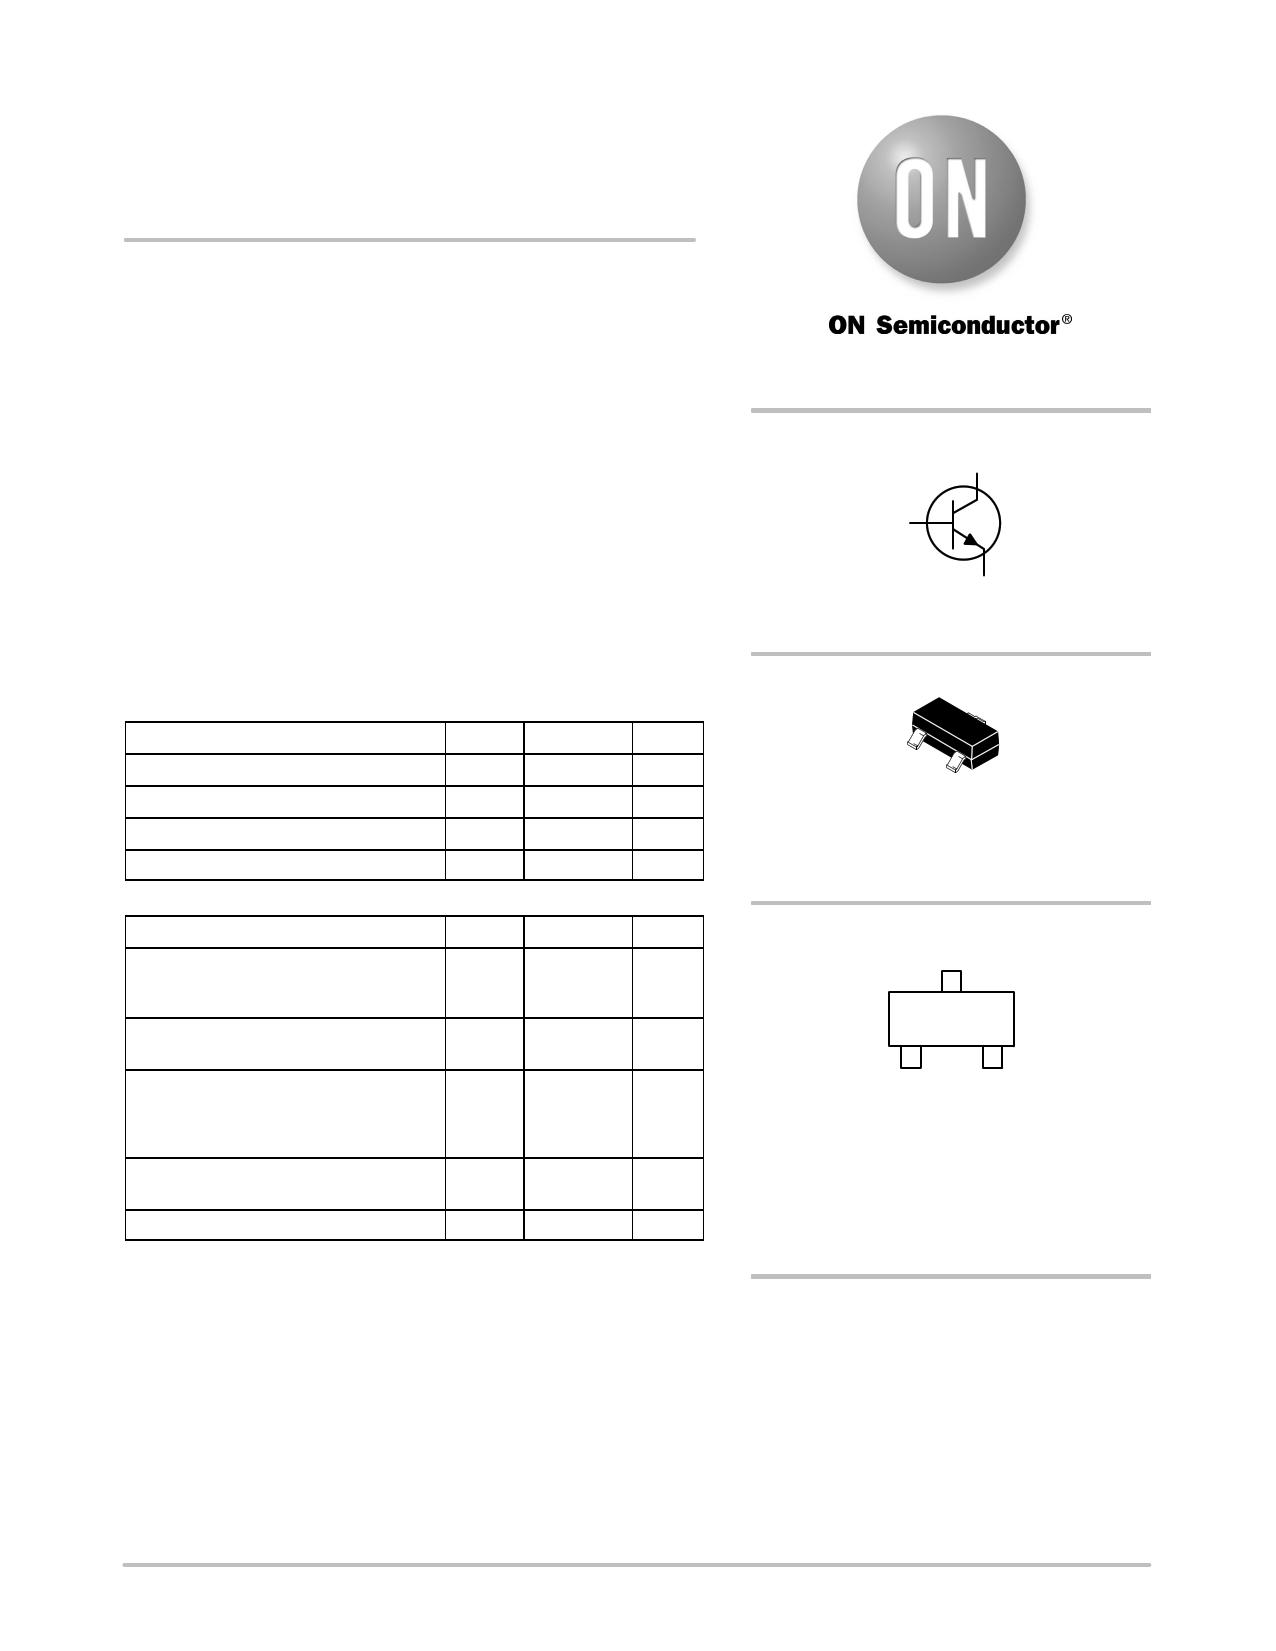 SBC817-25L 데이터시트 및 SBC817-25L PDF